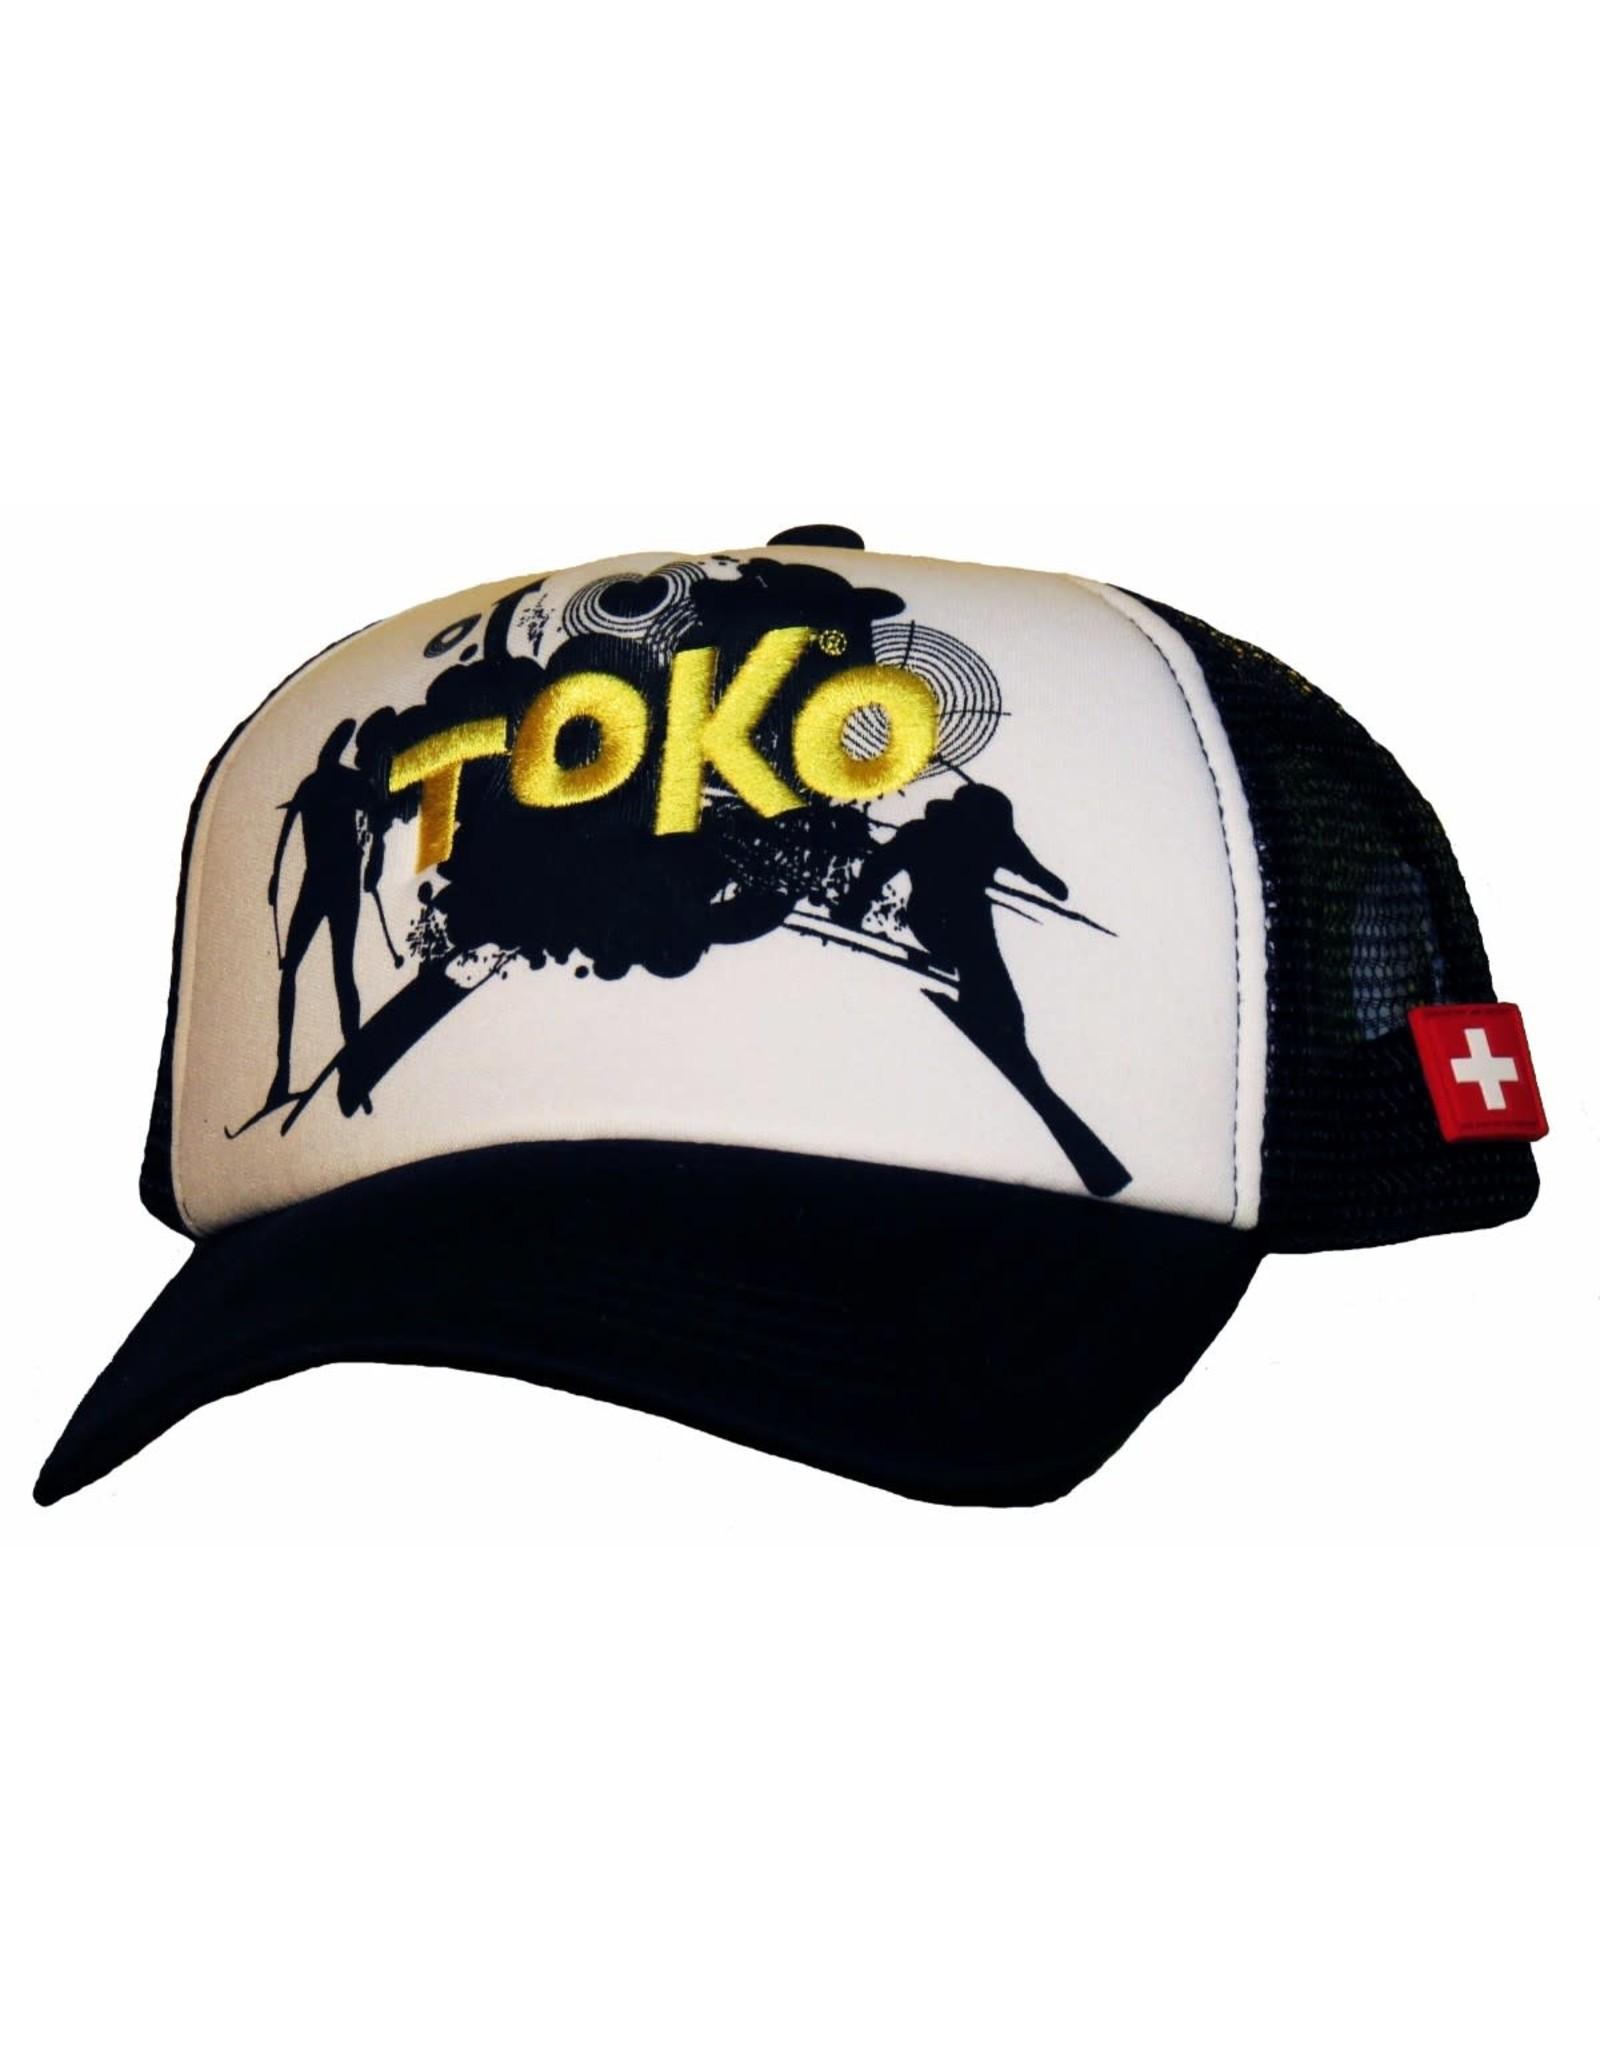 Toko Toko PR Cap